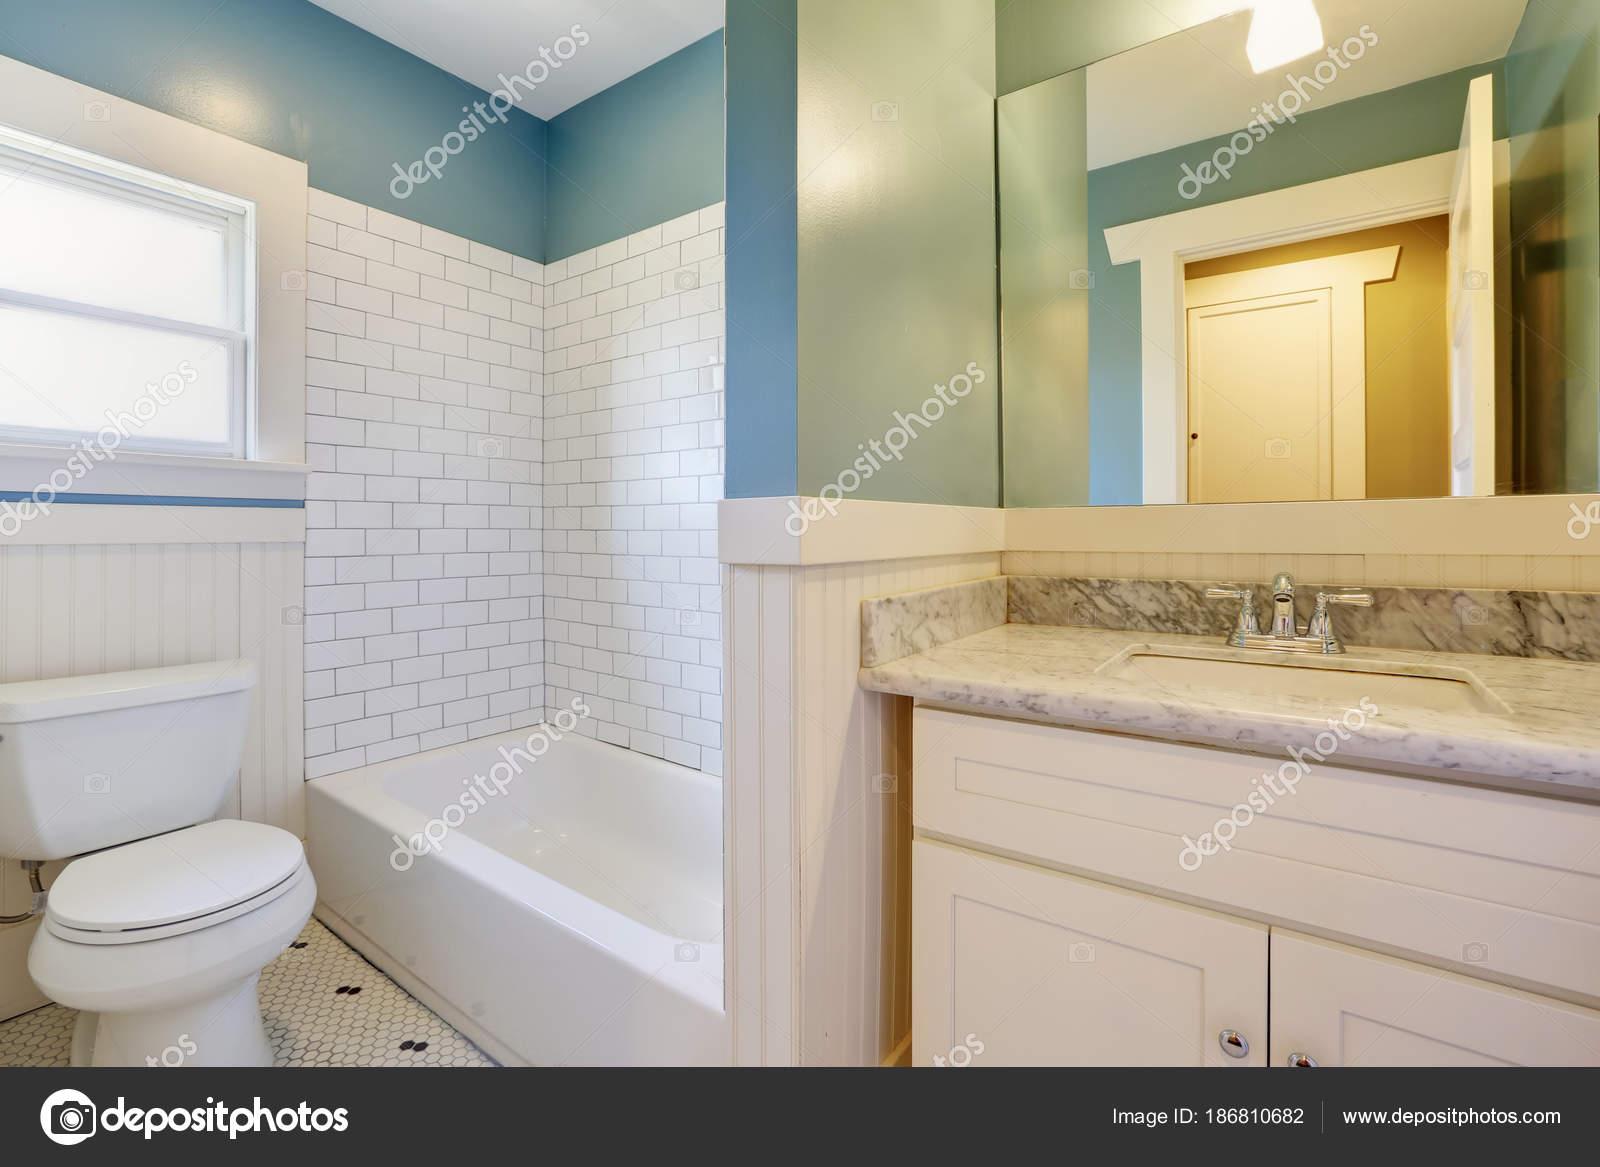 Bagno bianco e blu vengono visualizzati con ripiano in marmo